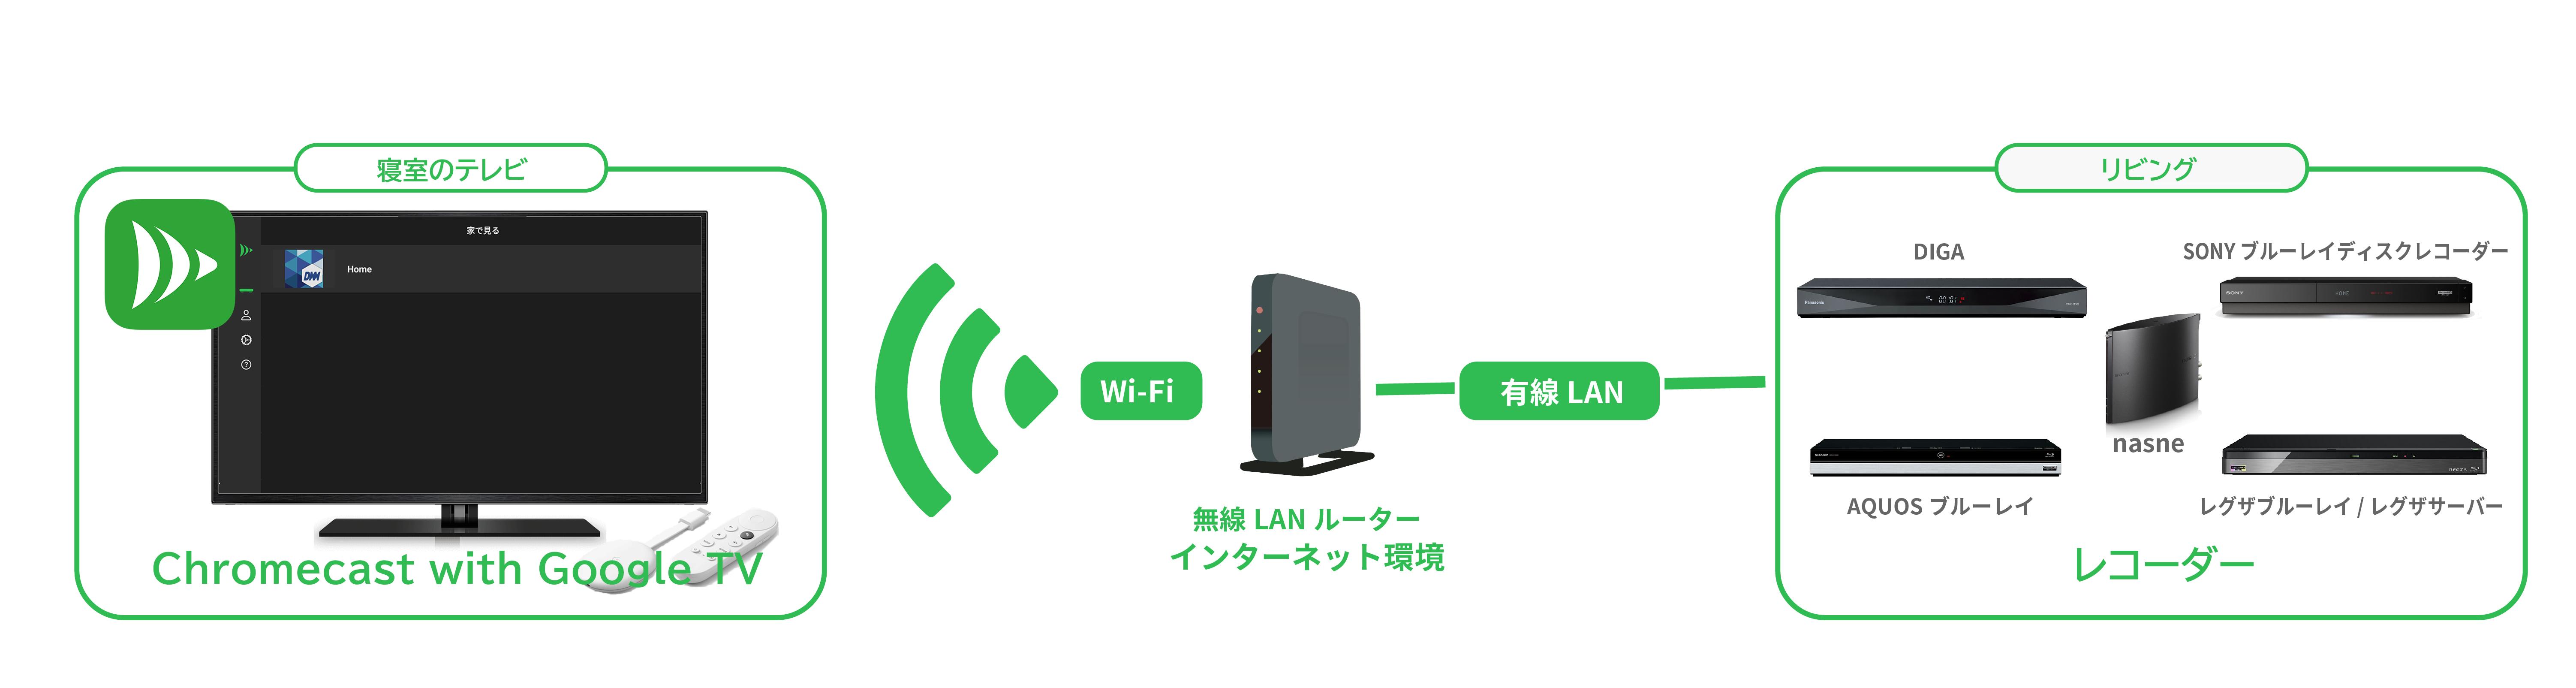 家庭内のWi-Fiルーターに、DiXiM Playがインストールされた新Chromecastとレコーダーを繋げることで、リビングにあるレコーダーの録画番組や放送中の番組が見られるようになります。